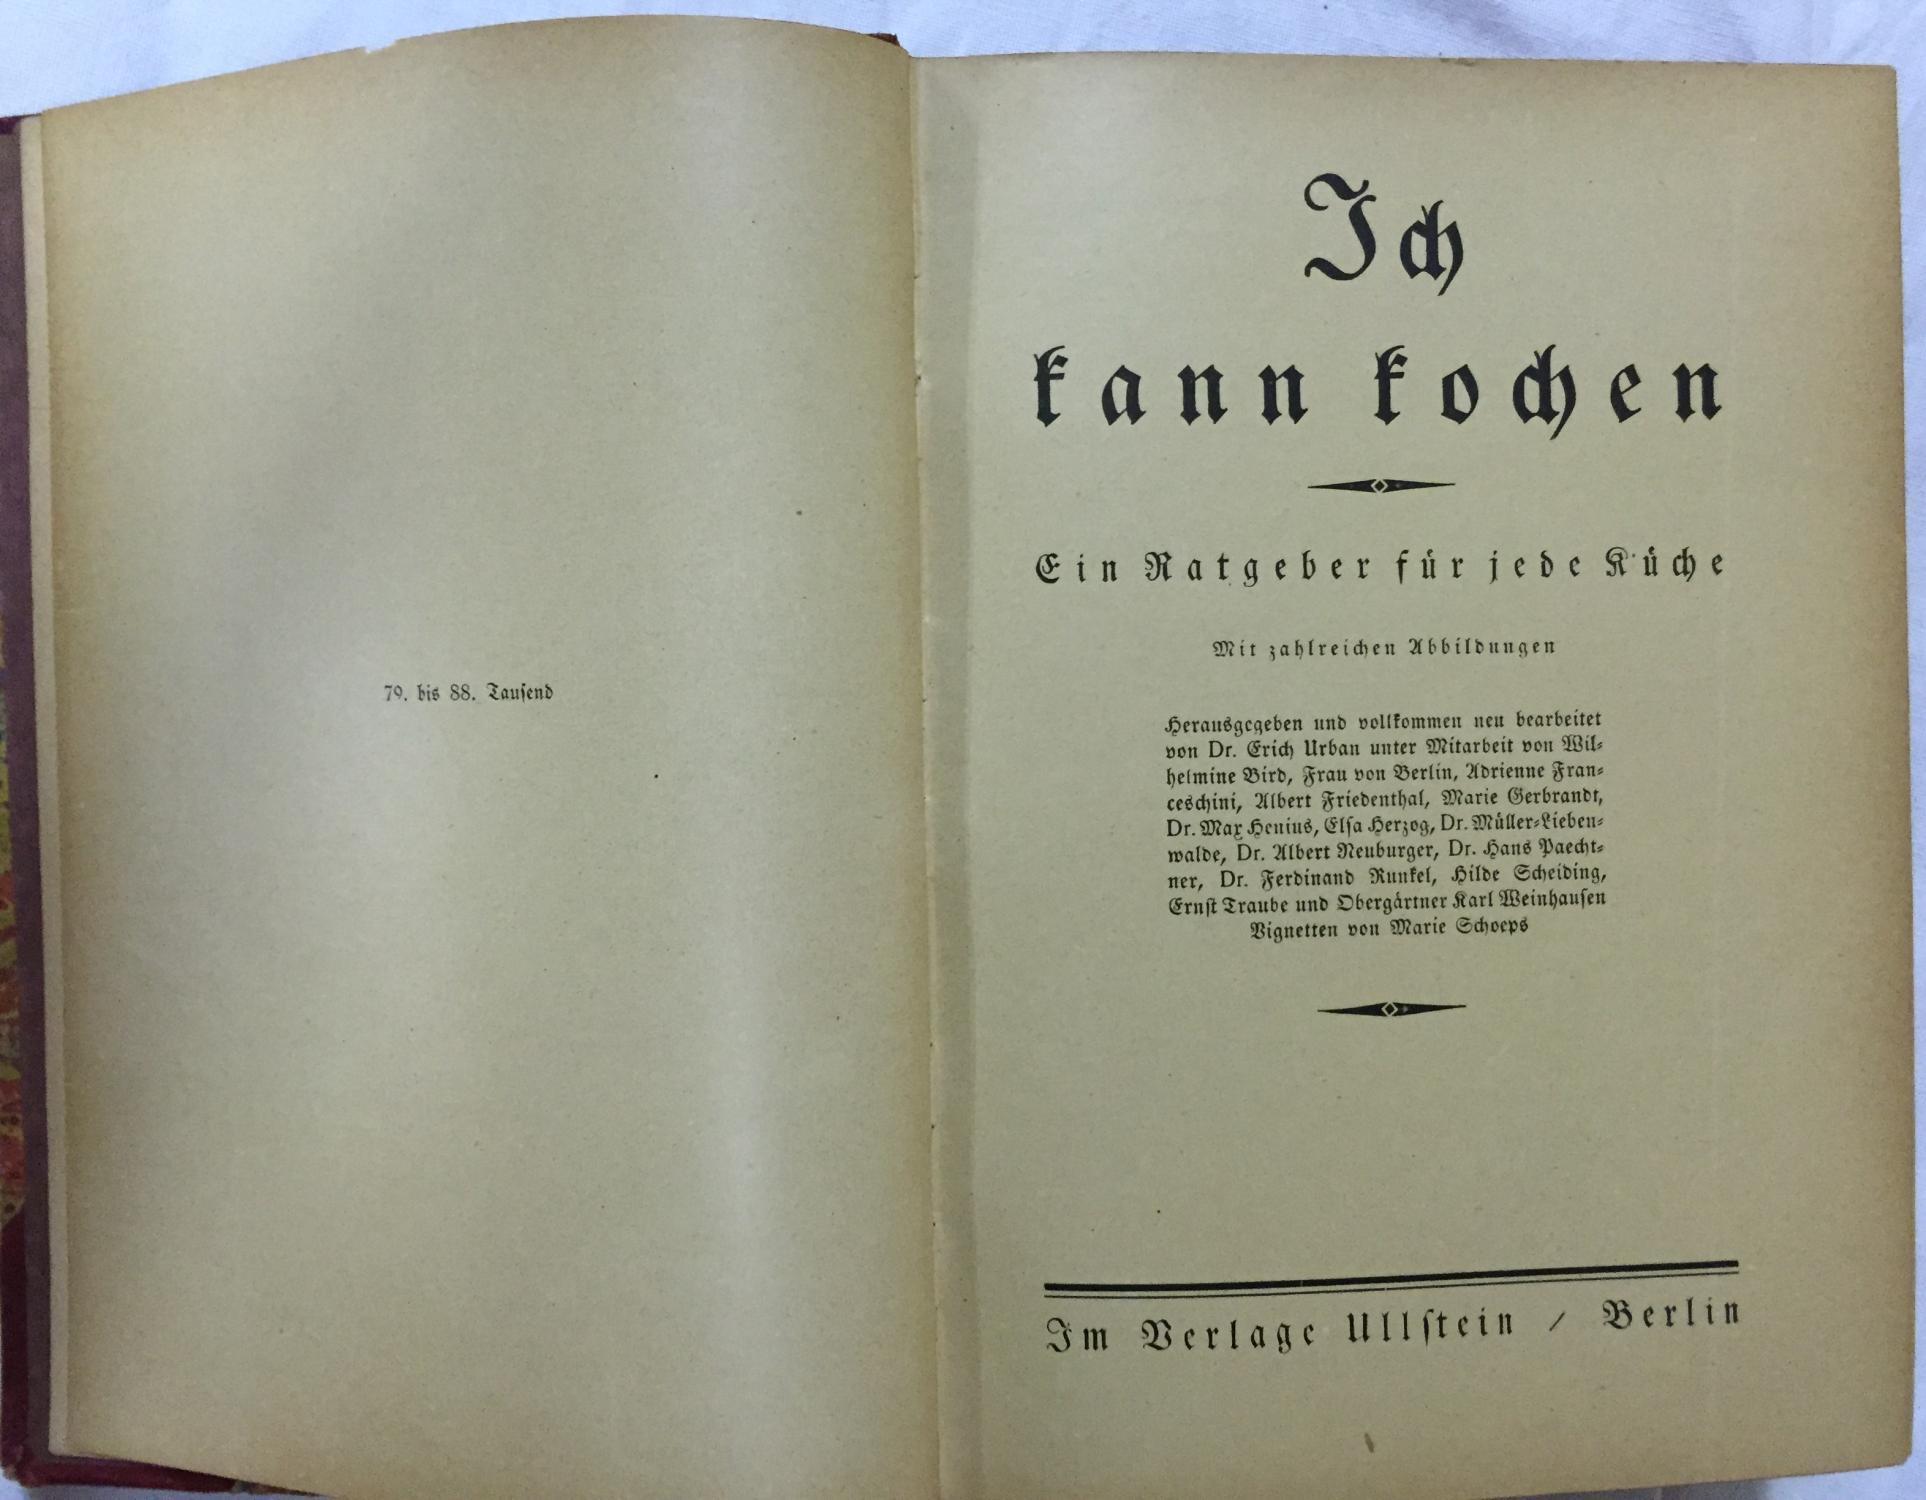 Das Buch der Hausfrau. Ein Ratgeber für: Urban, Erich (Hg.)